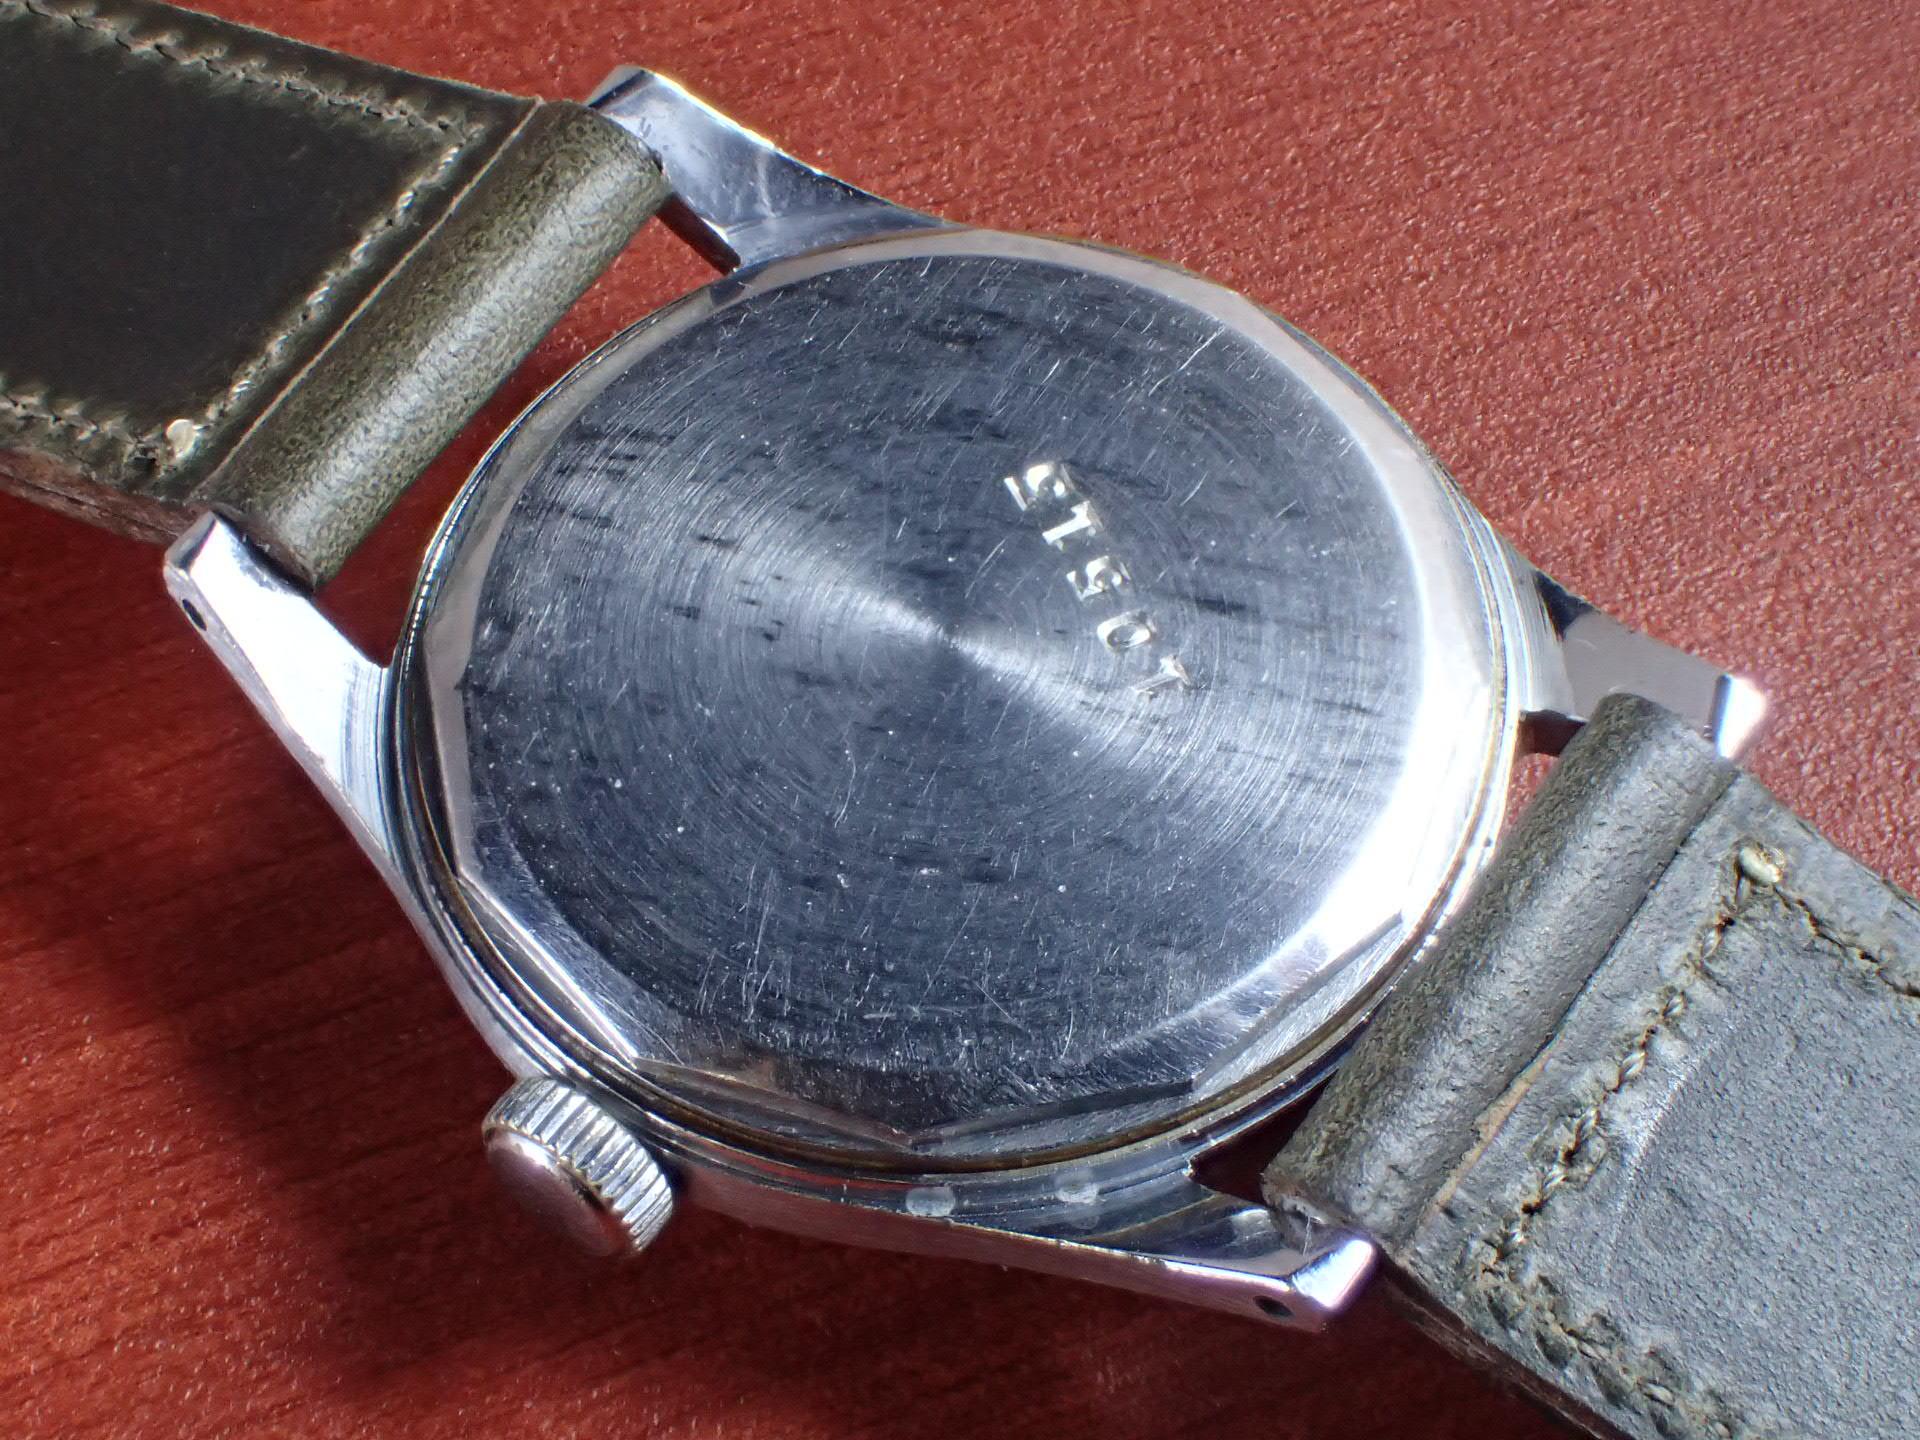 ミネルバ キャリバー49 2トーンダイアル スクリューバック 1940年代の写真4枚目